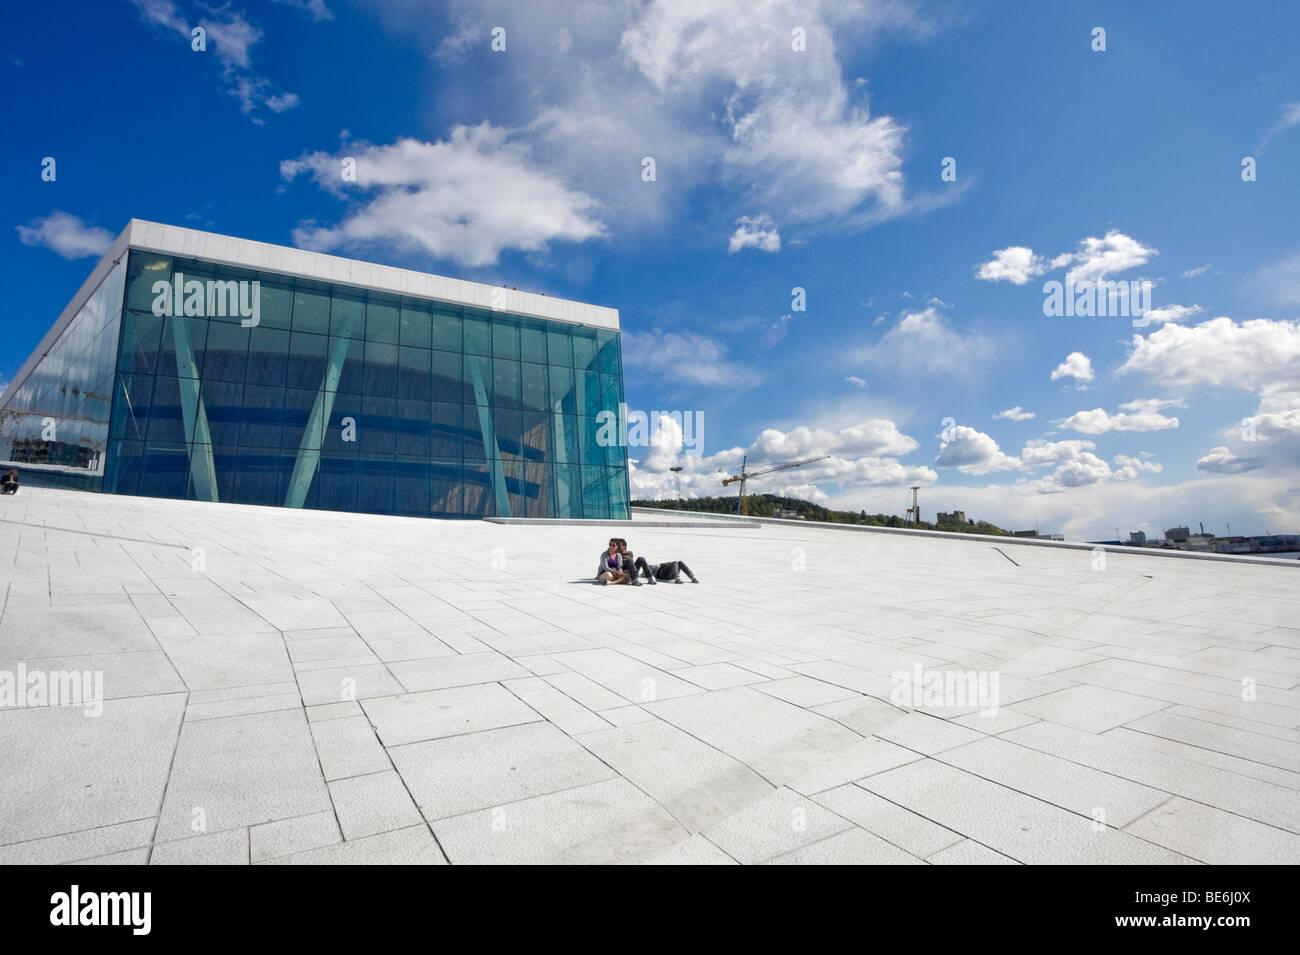 Der Teppich Eine Schrage Stein Rampe Auf Das Dach Des Osloer